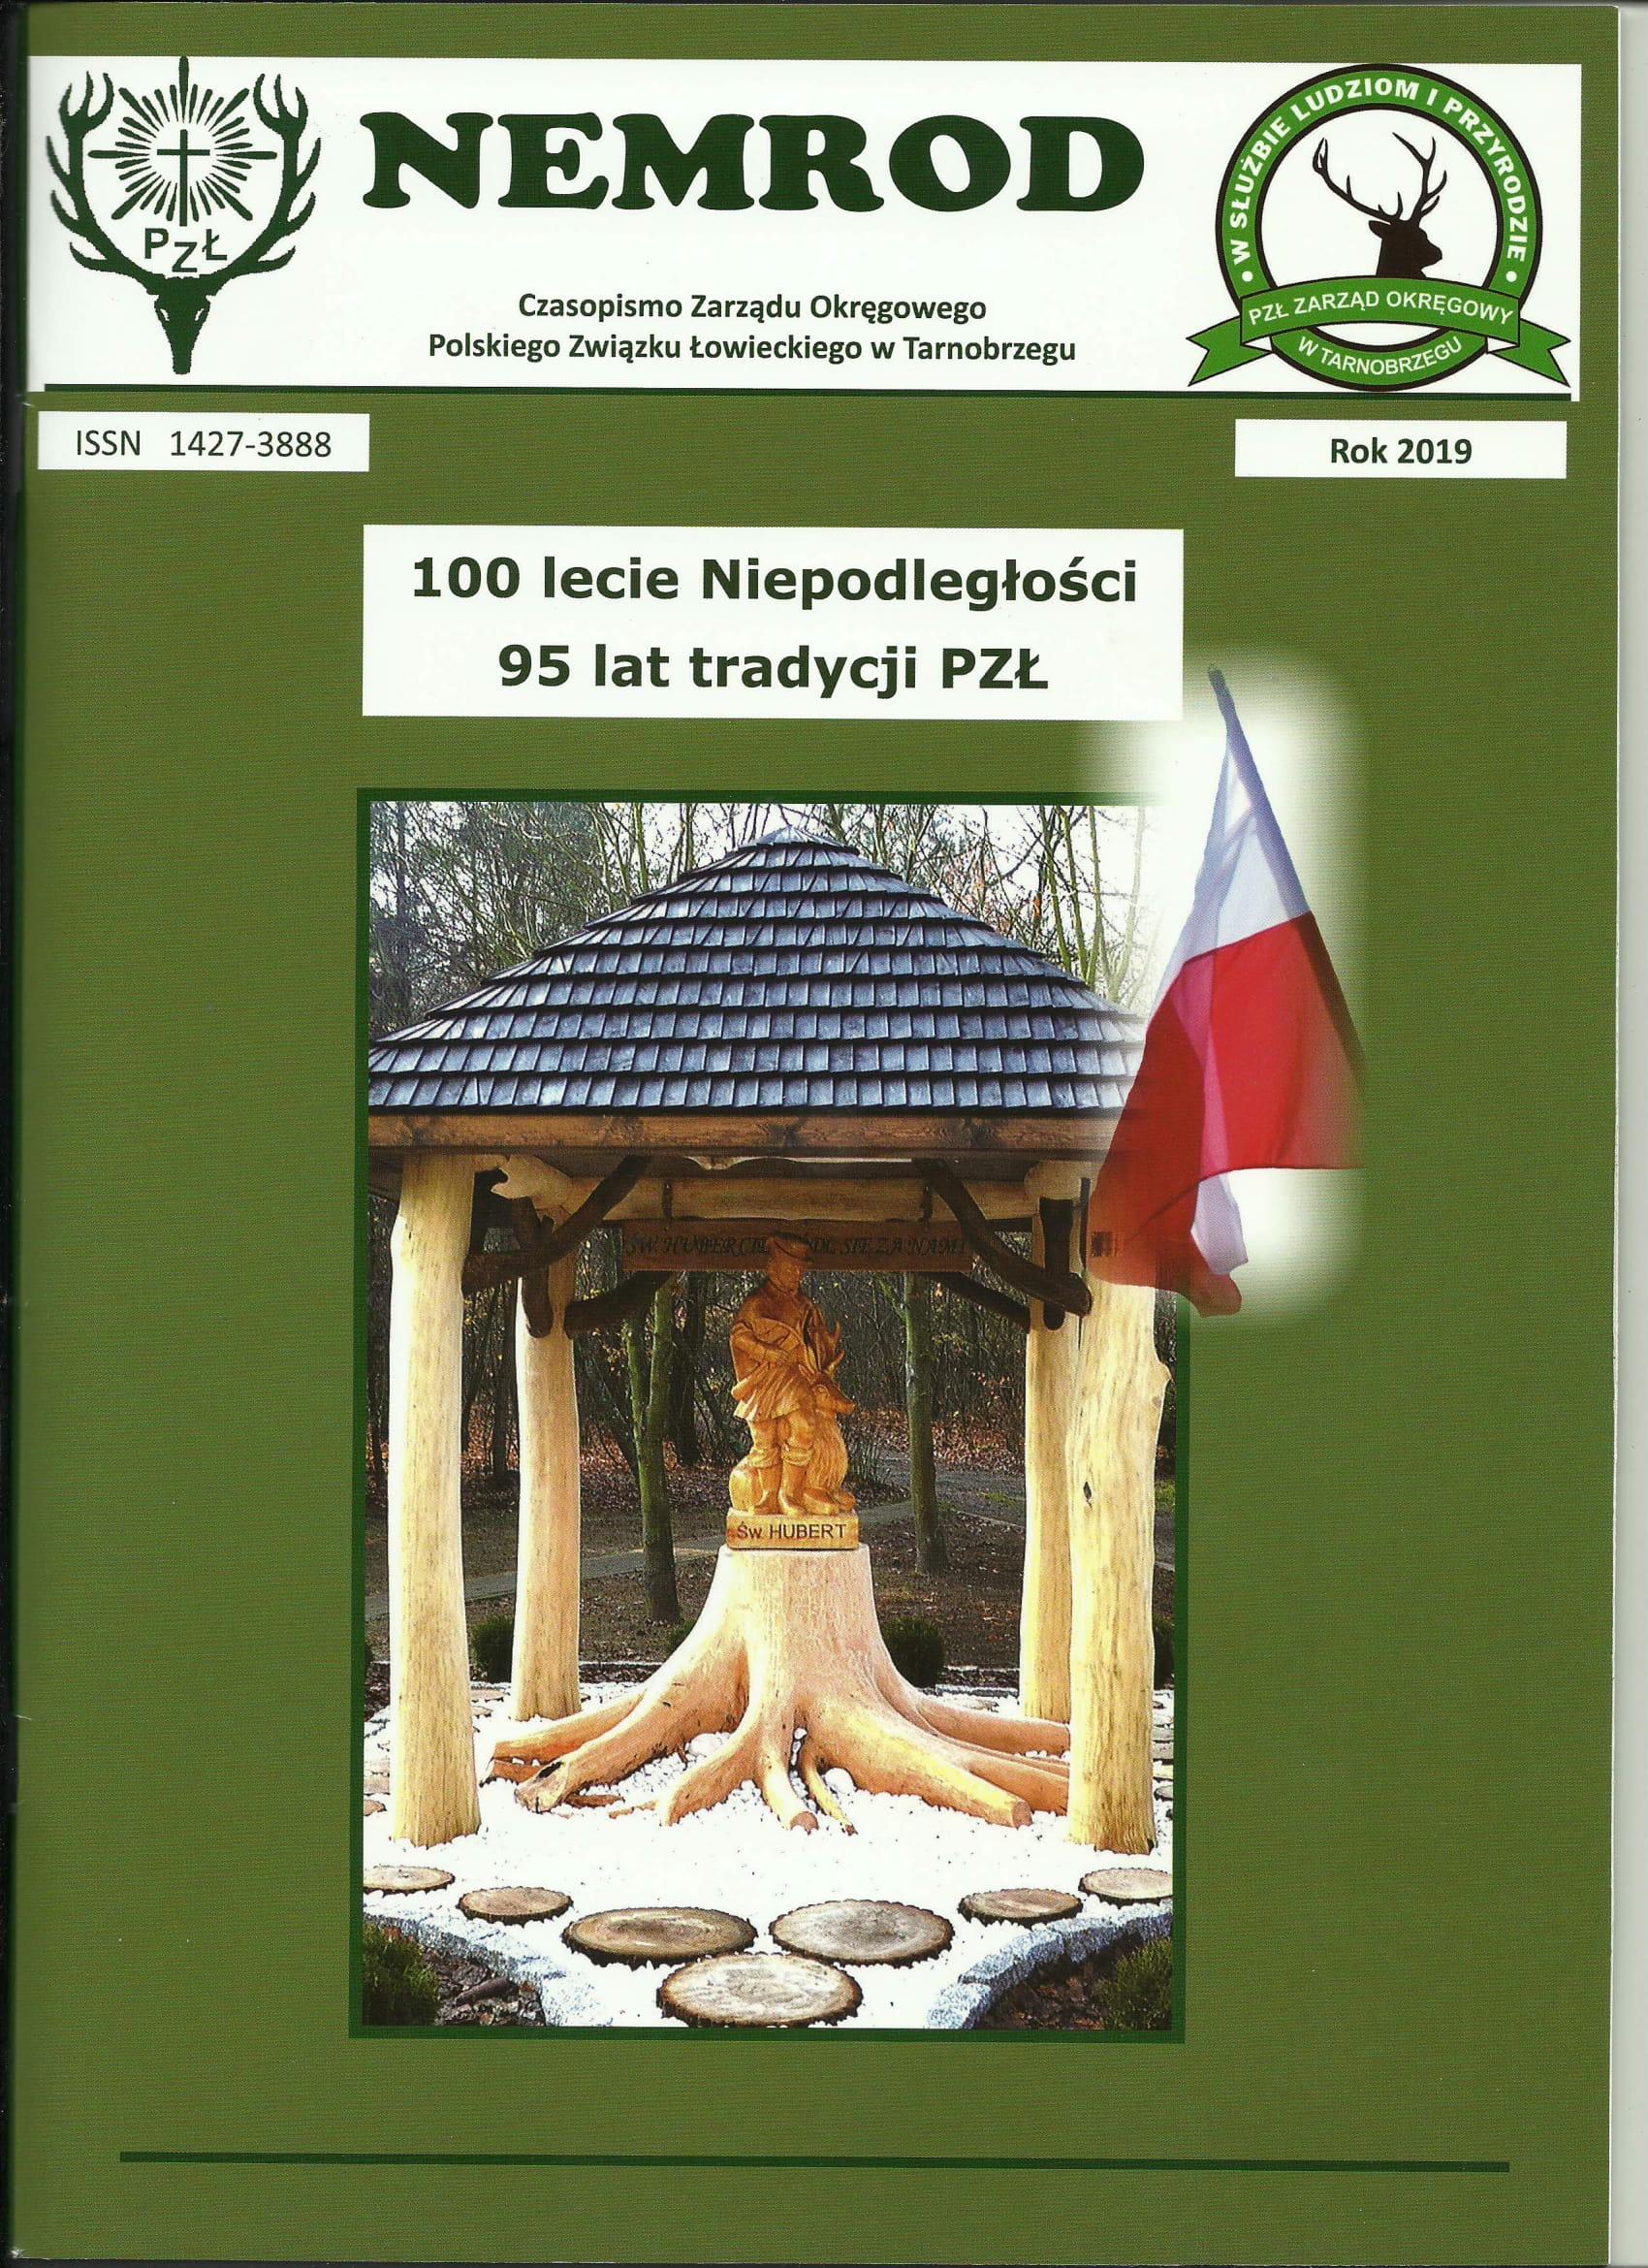 NEMROD – Czasopismo Zarządu Okręgowego PZŁ w Tarnobrzegu.